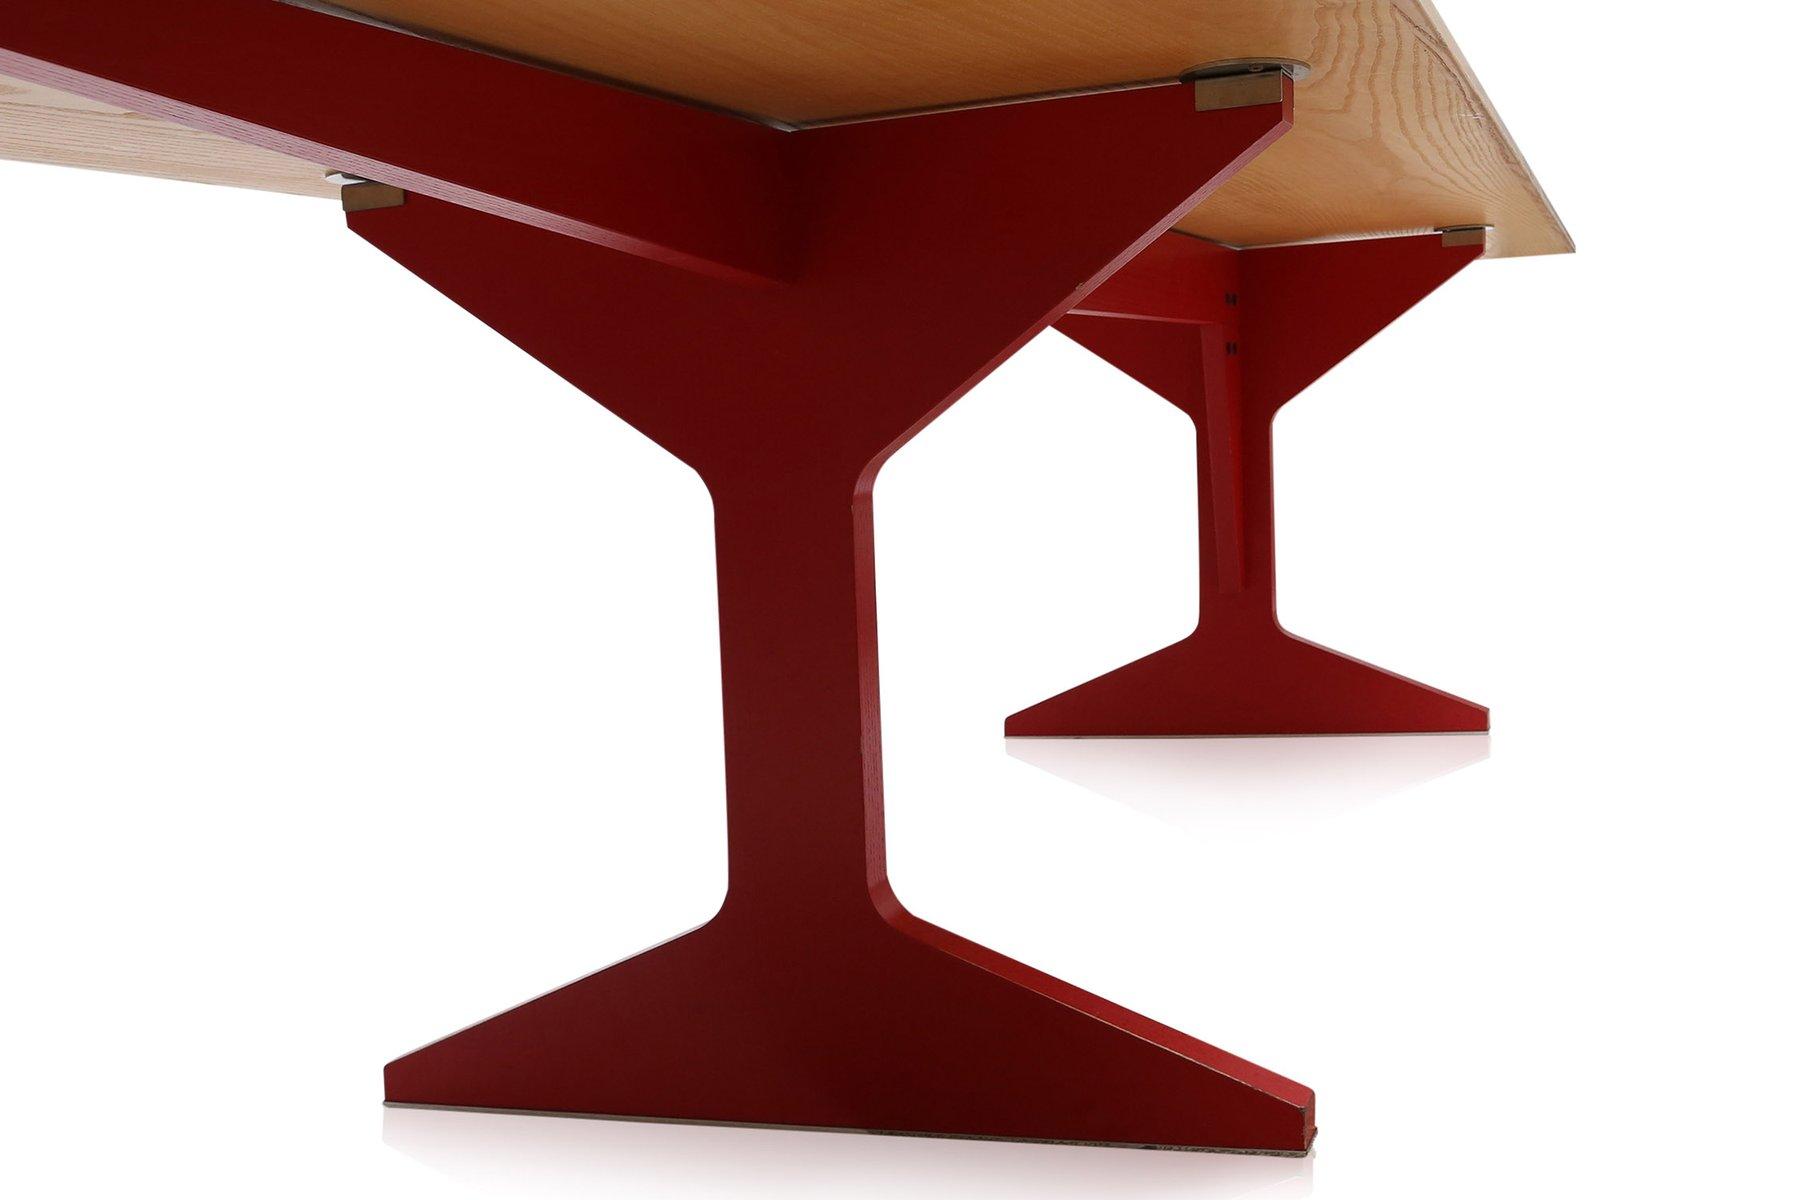 vintage m40 tisch von marcel breuer f r tecta bei pamono. Black Bedroom Furniture Sets. Home Design Ideas